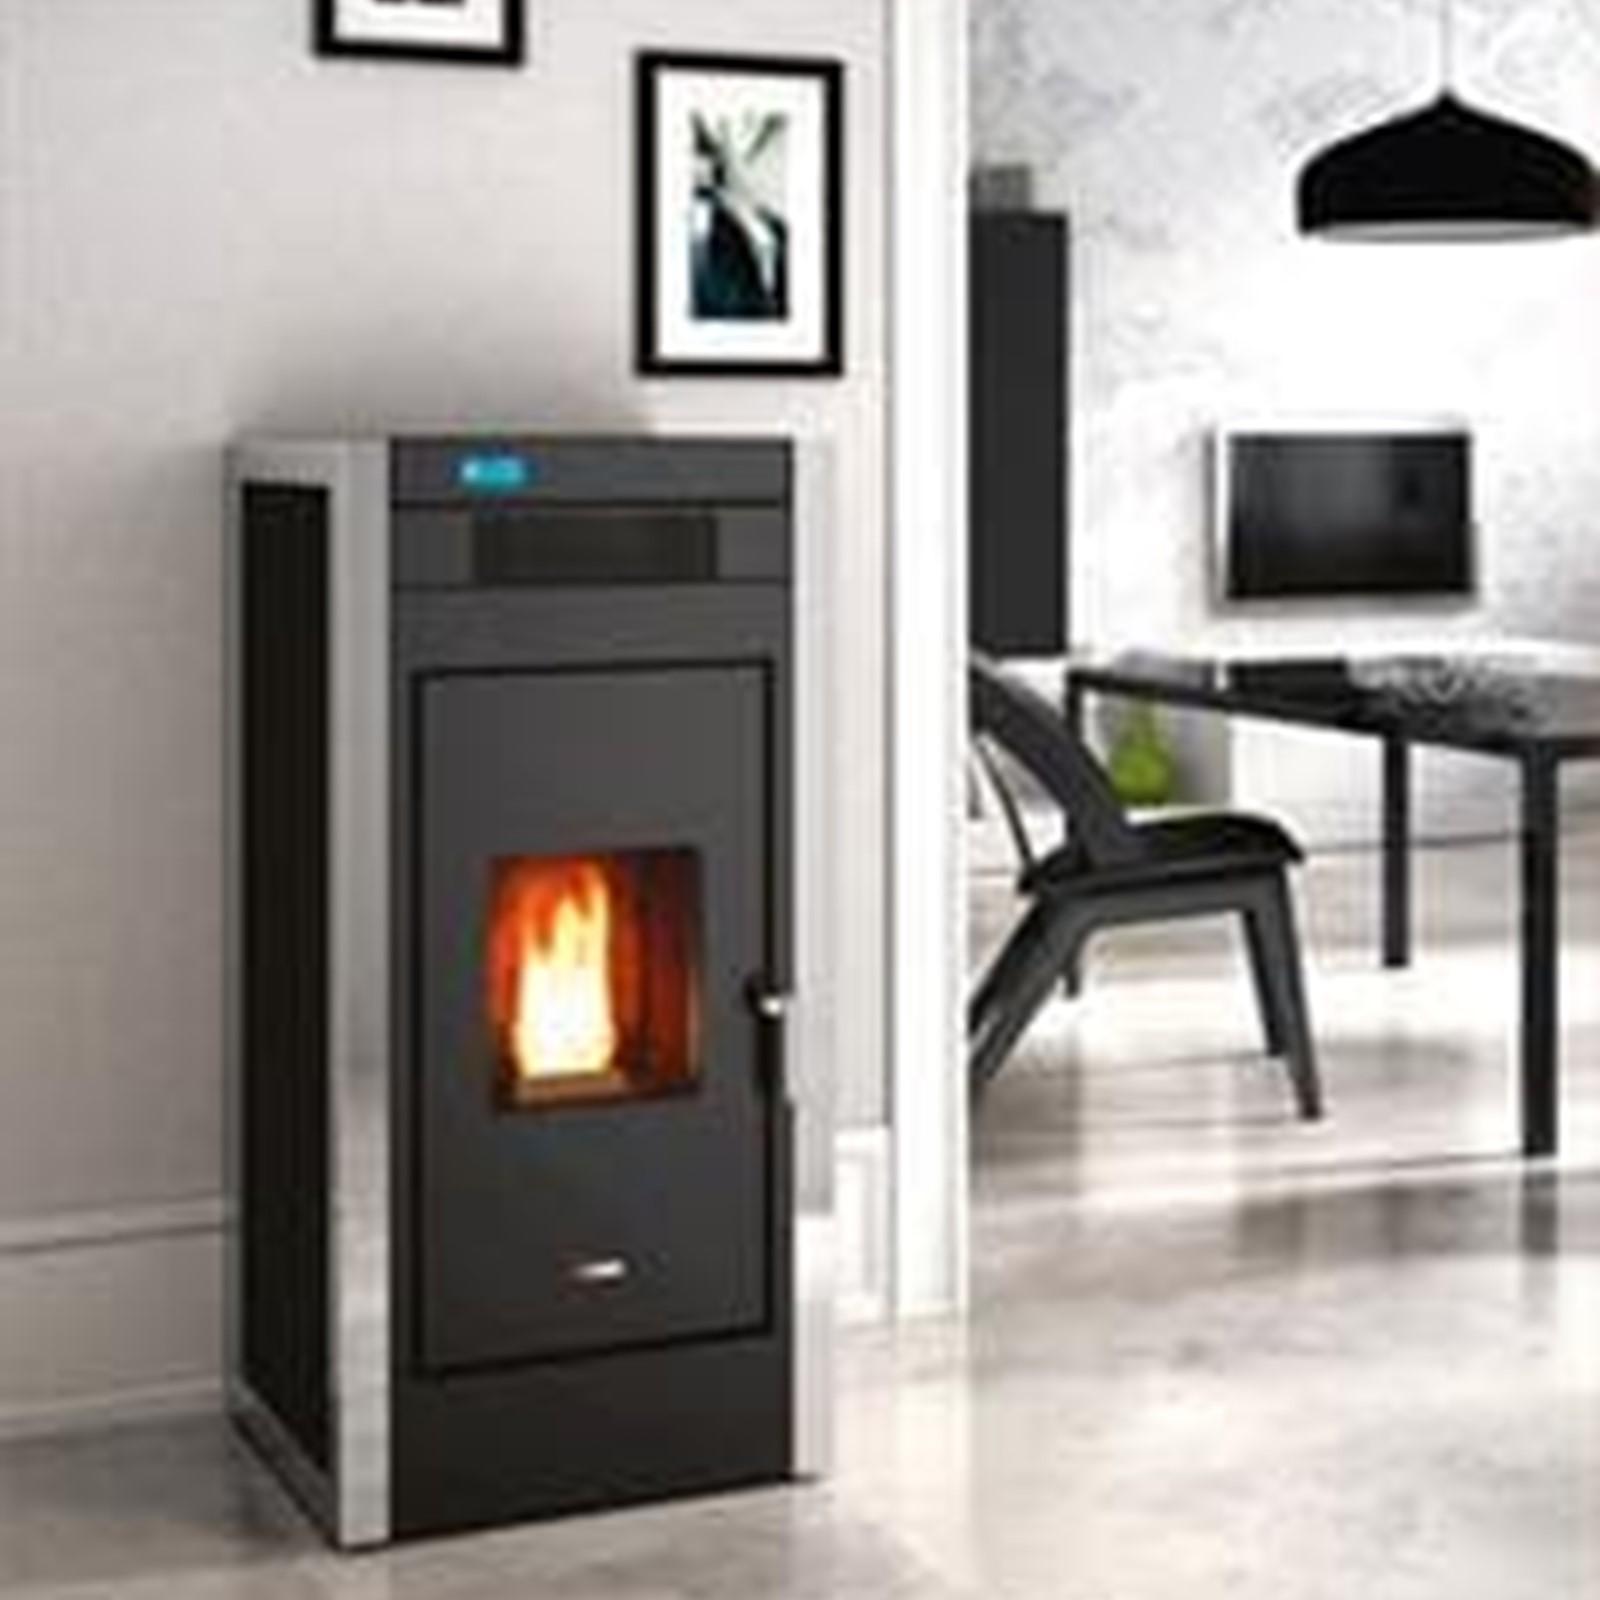 Estufas de pellets idro radiadores o suelo radiante - Radiadores de suelo ...